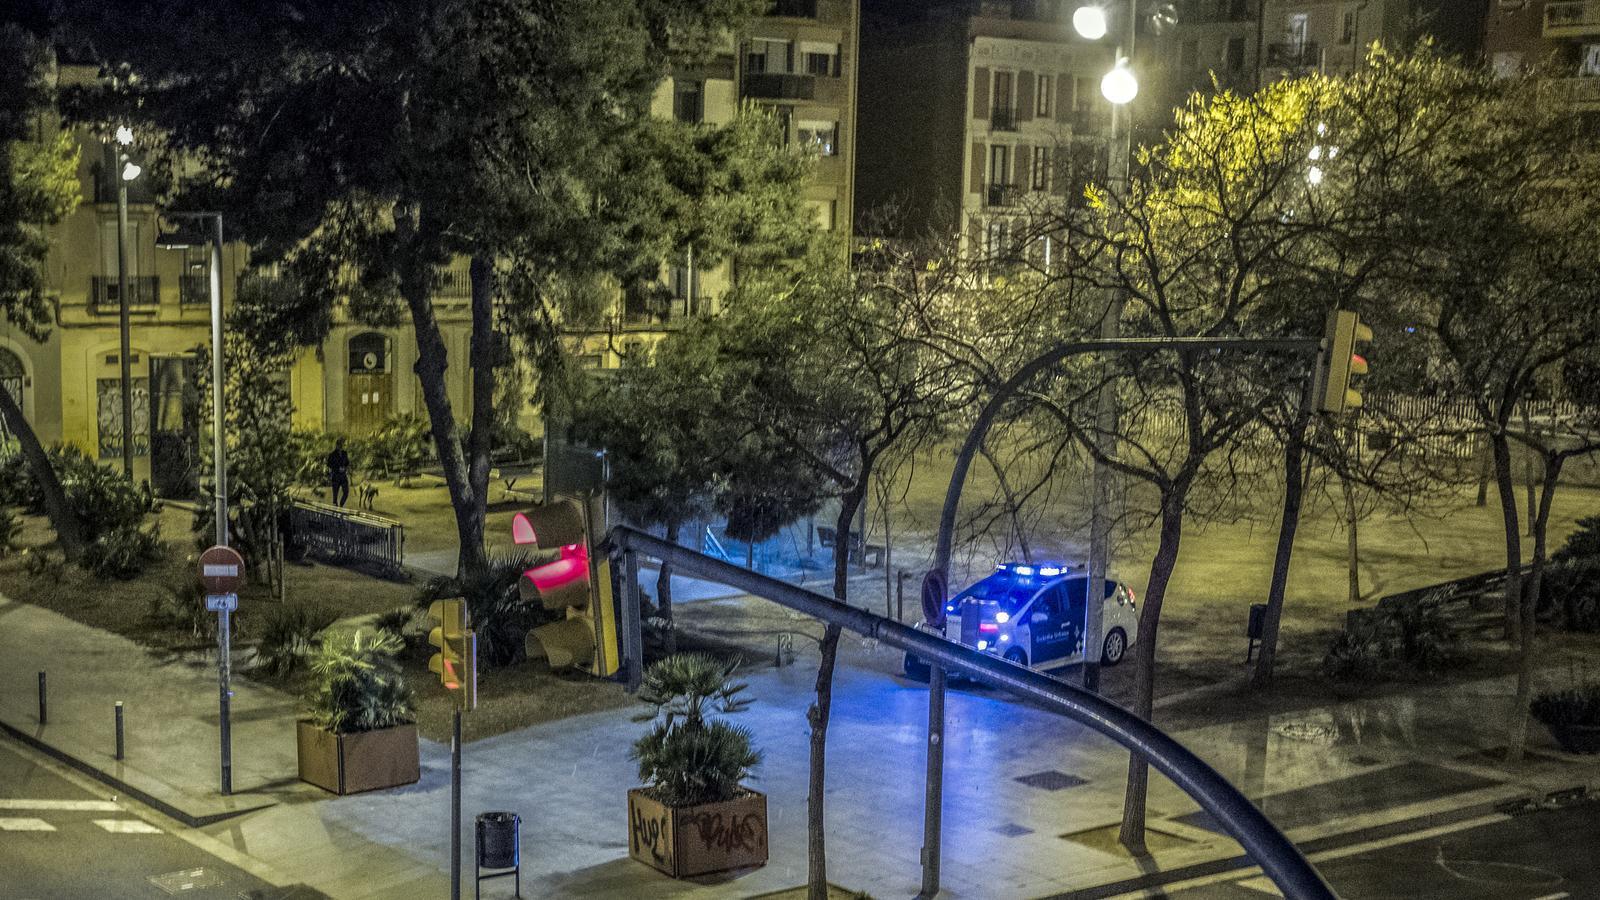 La plaça Joanic, de Barcelona, buida de nit durant l'estat alarma